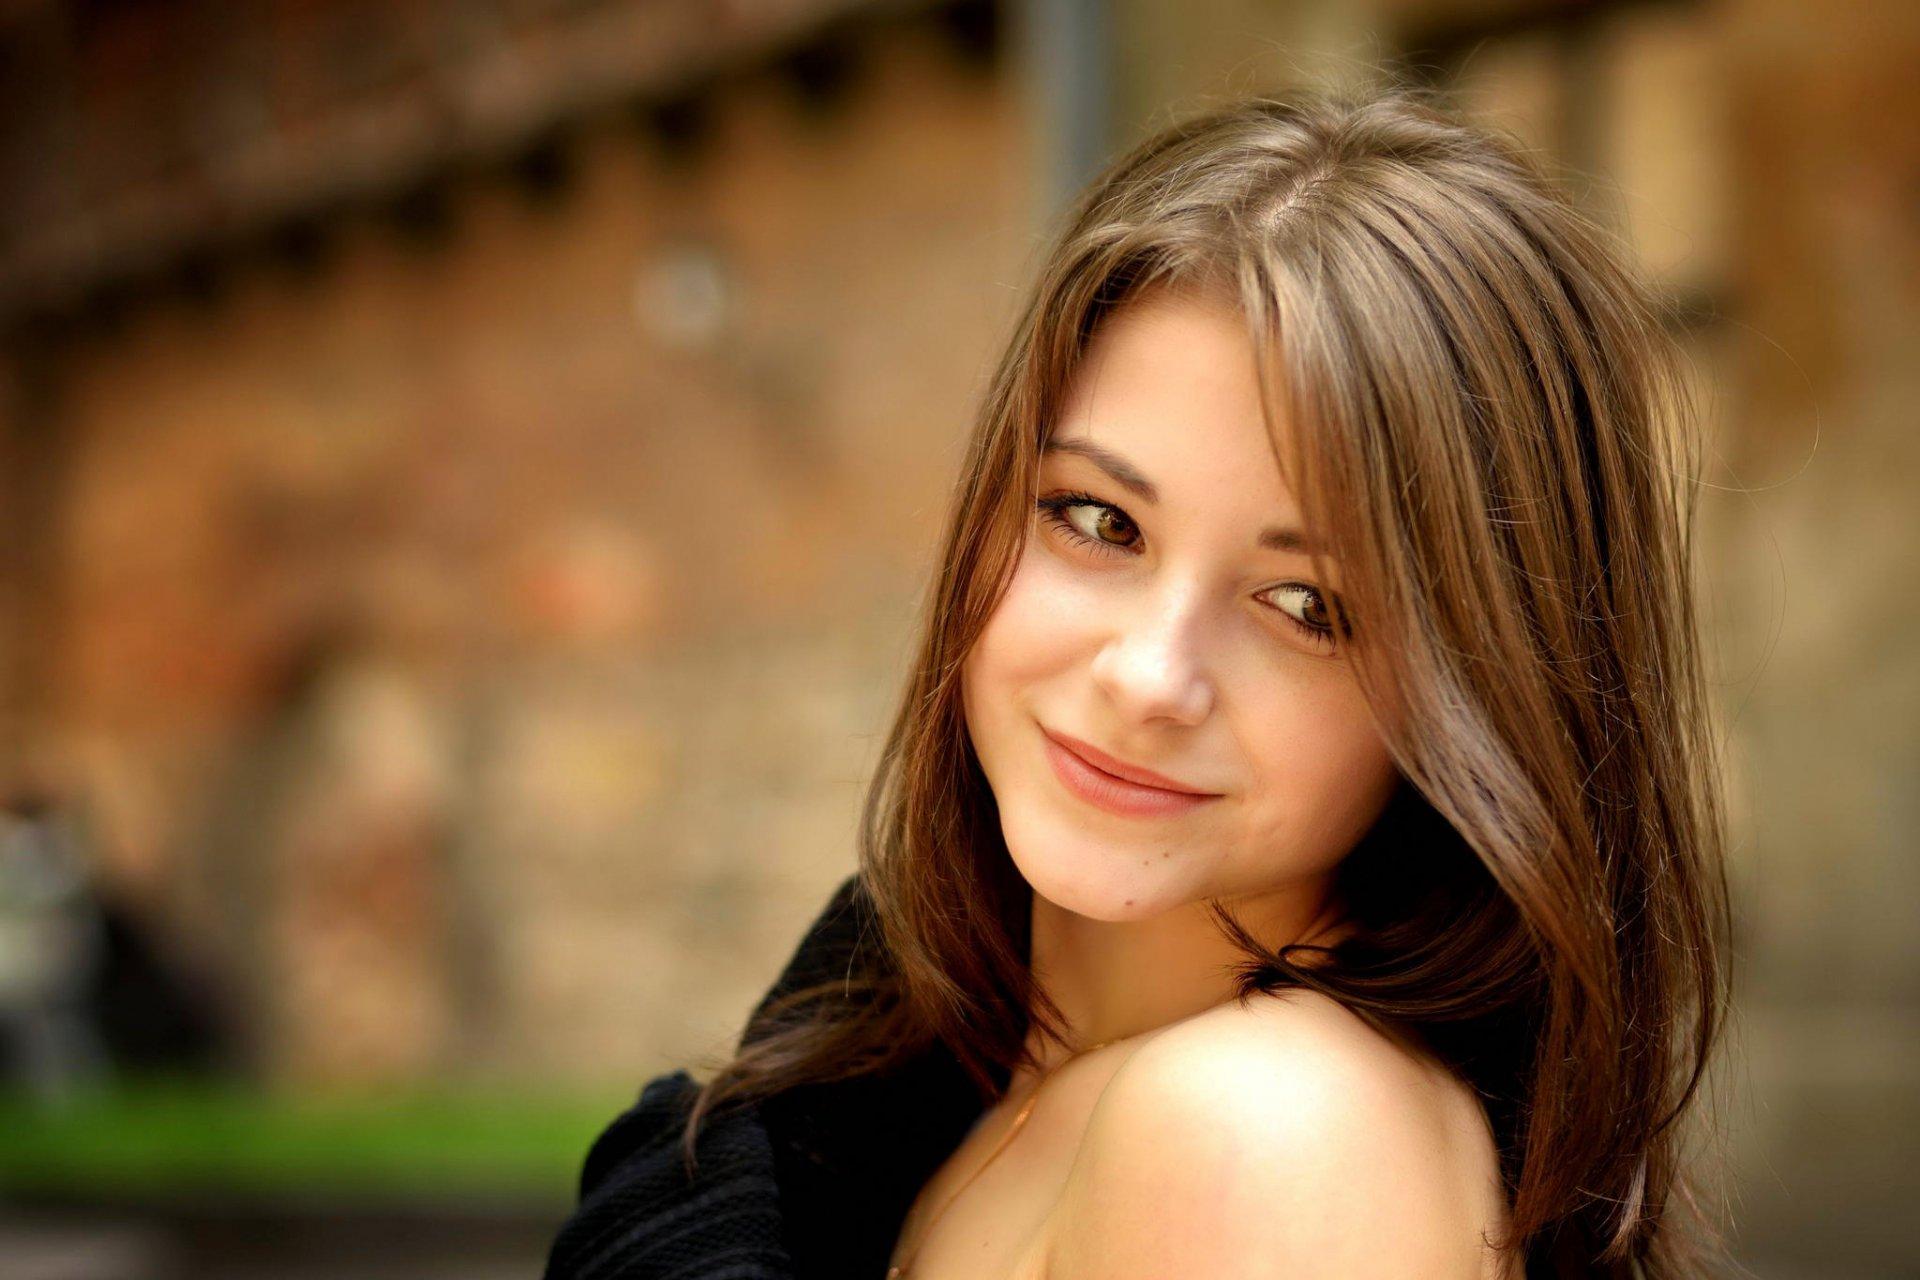 Красивые картинки девушек на форумы